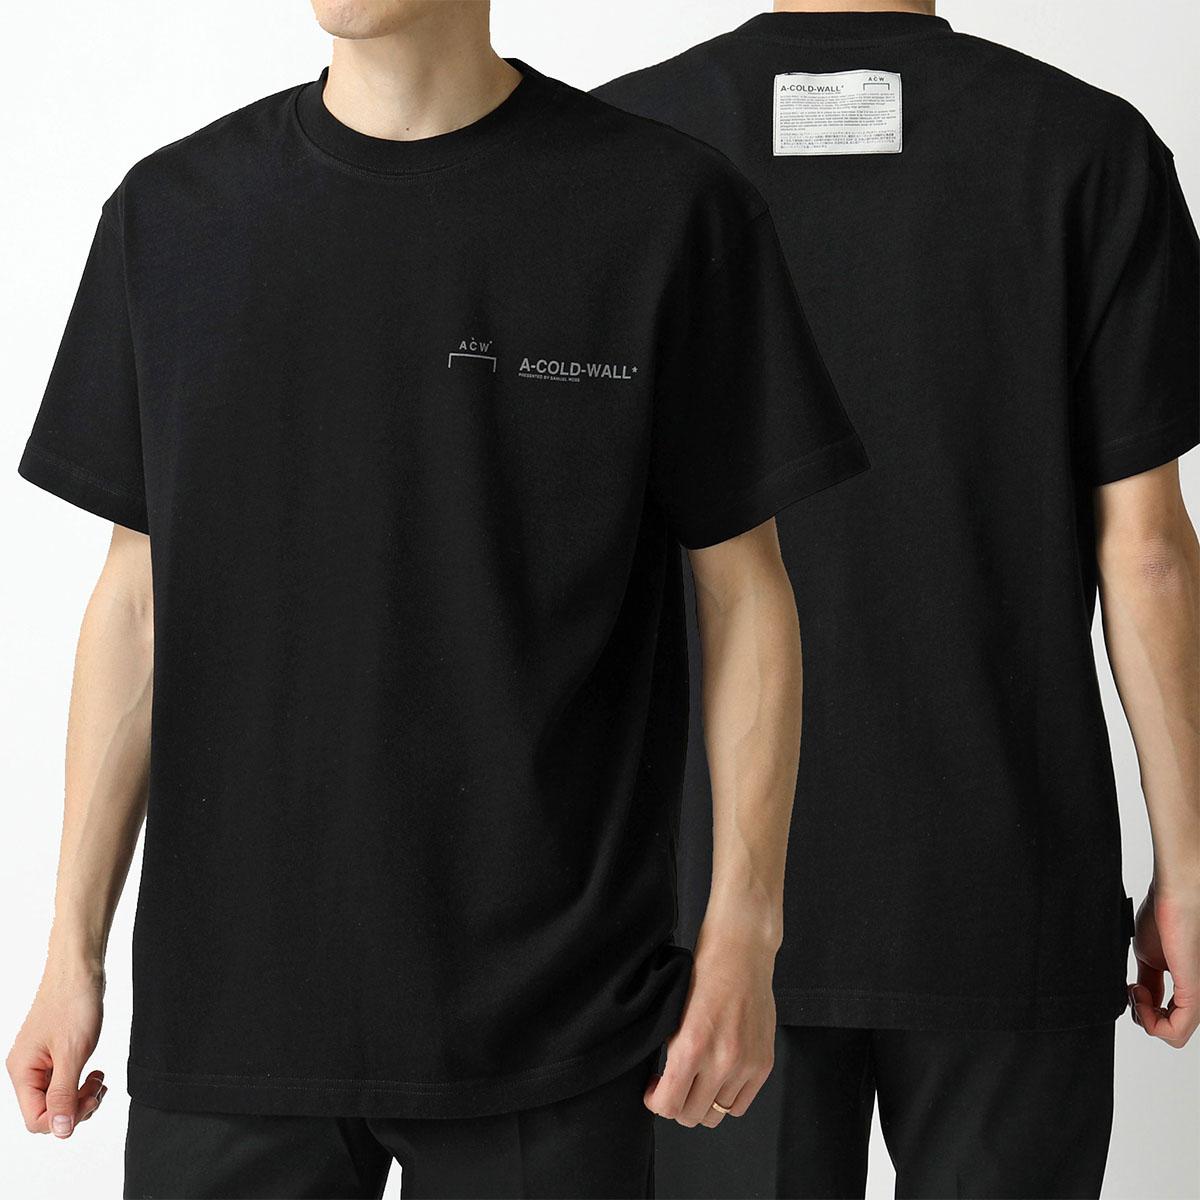 A-Cold-Wall* アコールドウォール MTS001WHL クルーネック 半袖Tシャツ カットソー BLACK メンズ